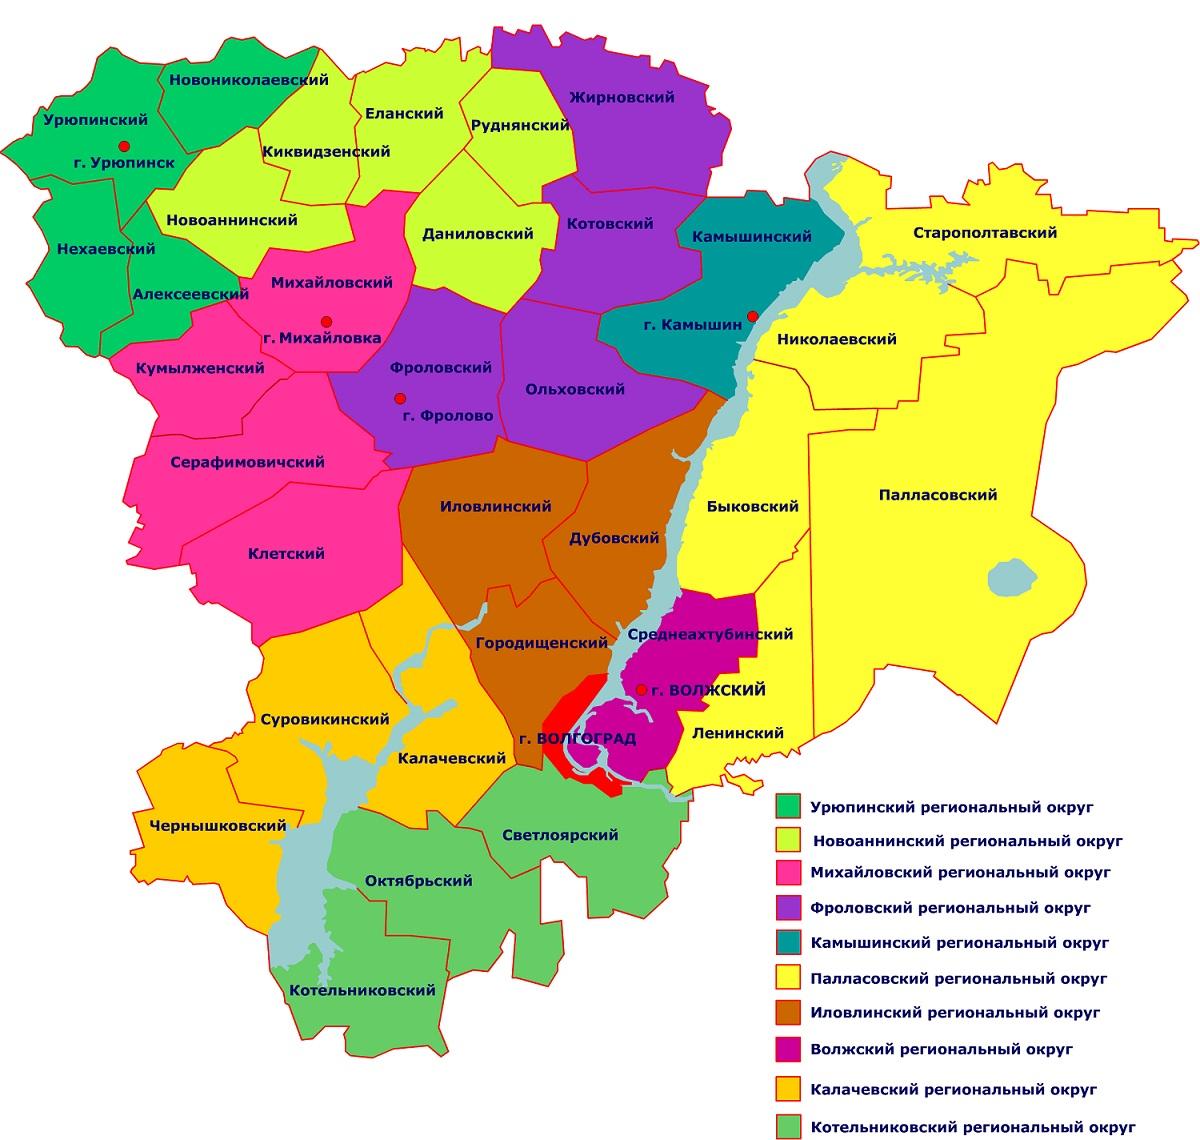 Татары.  Армяне.  Административно-территориальное устройство Волгоградской области основывается: на исторически...